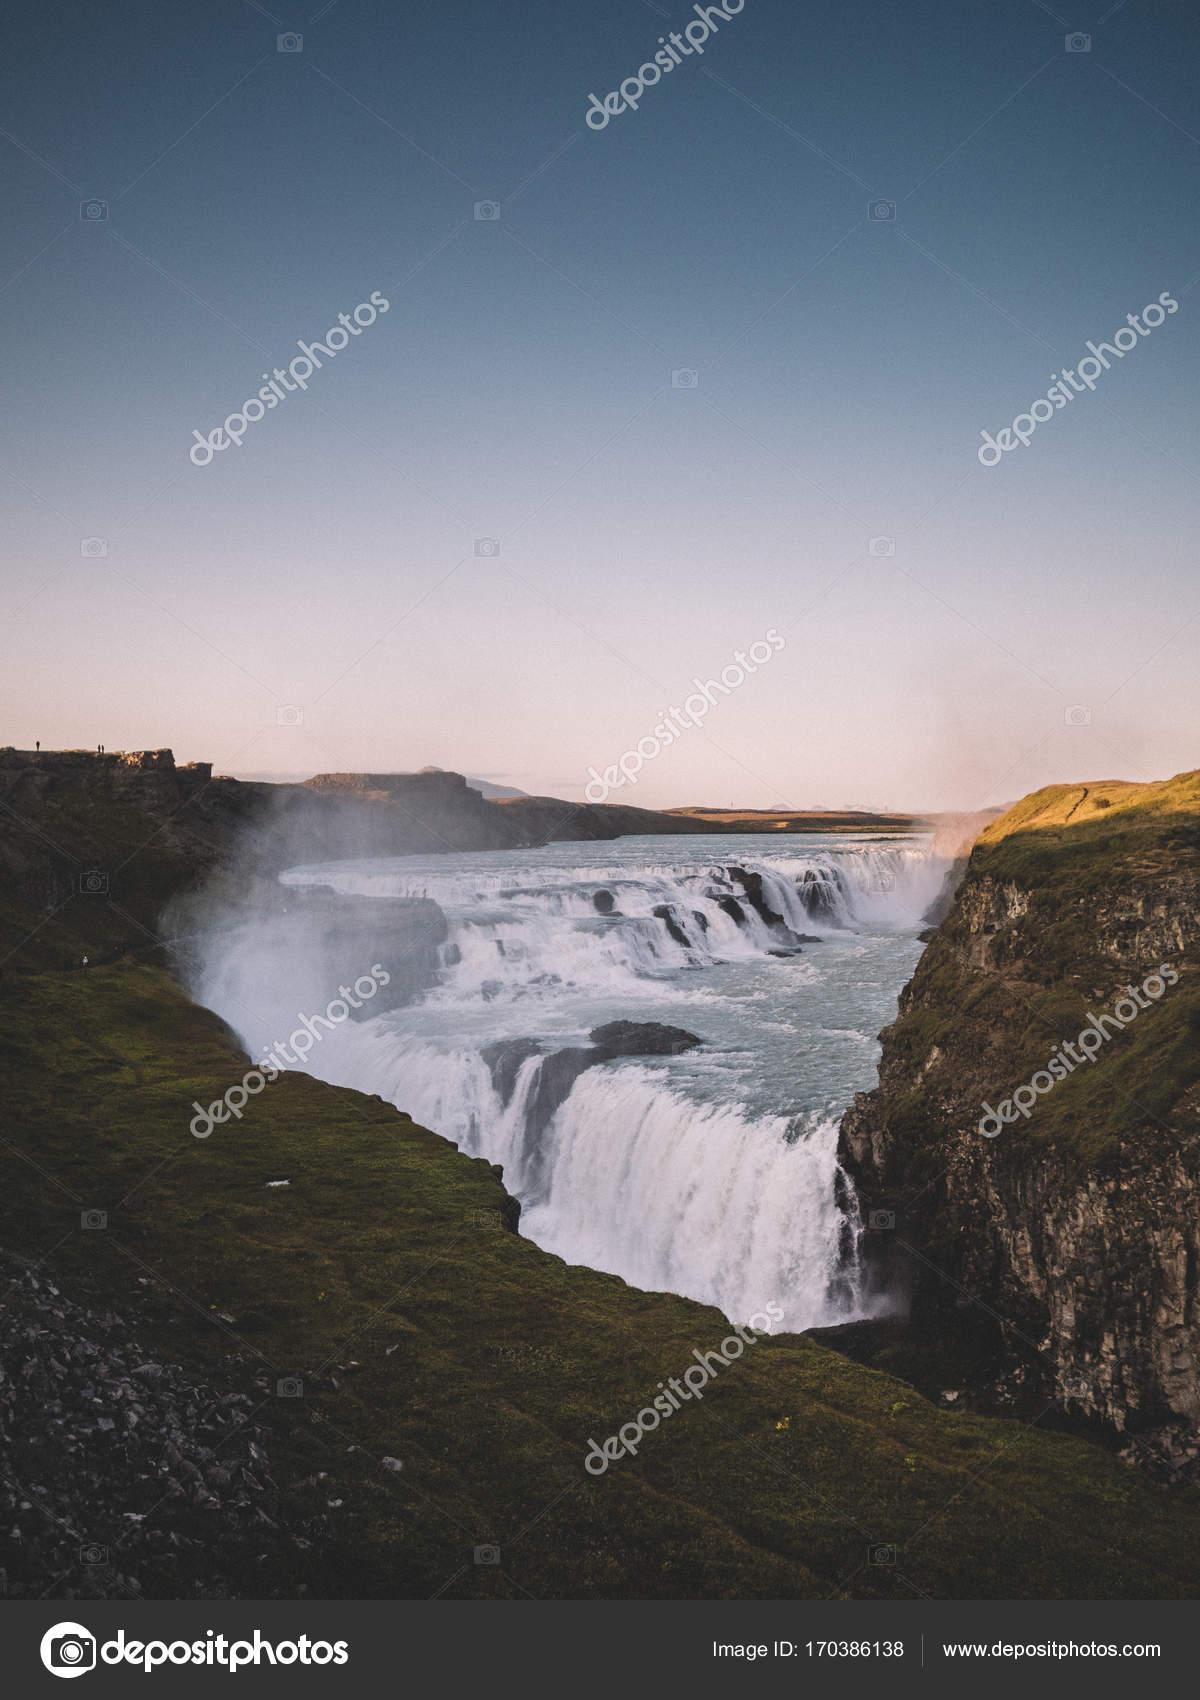 χώρα του νερού